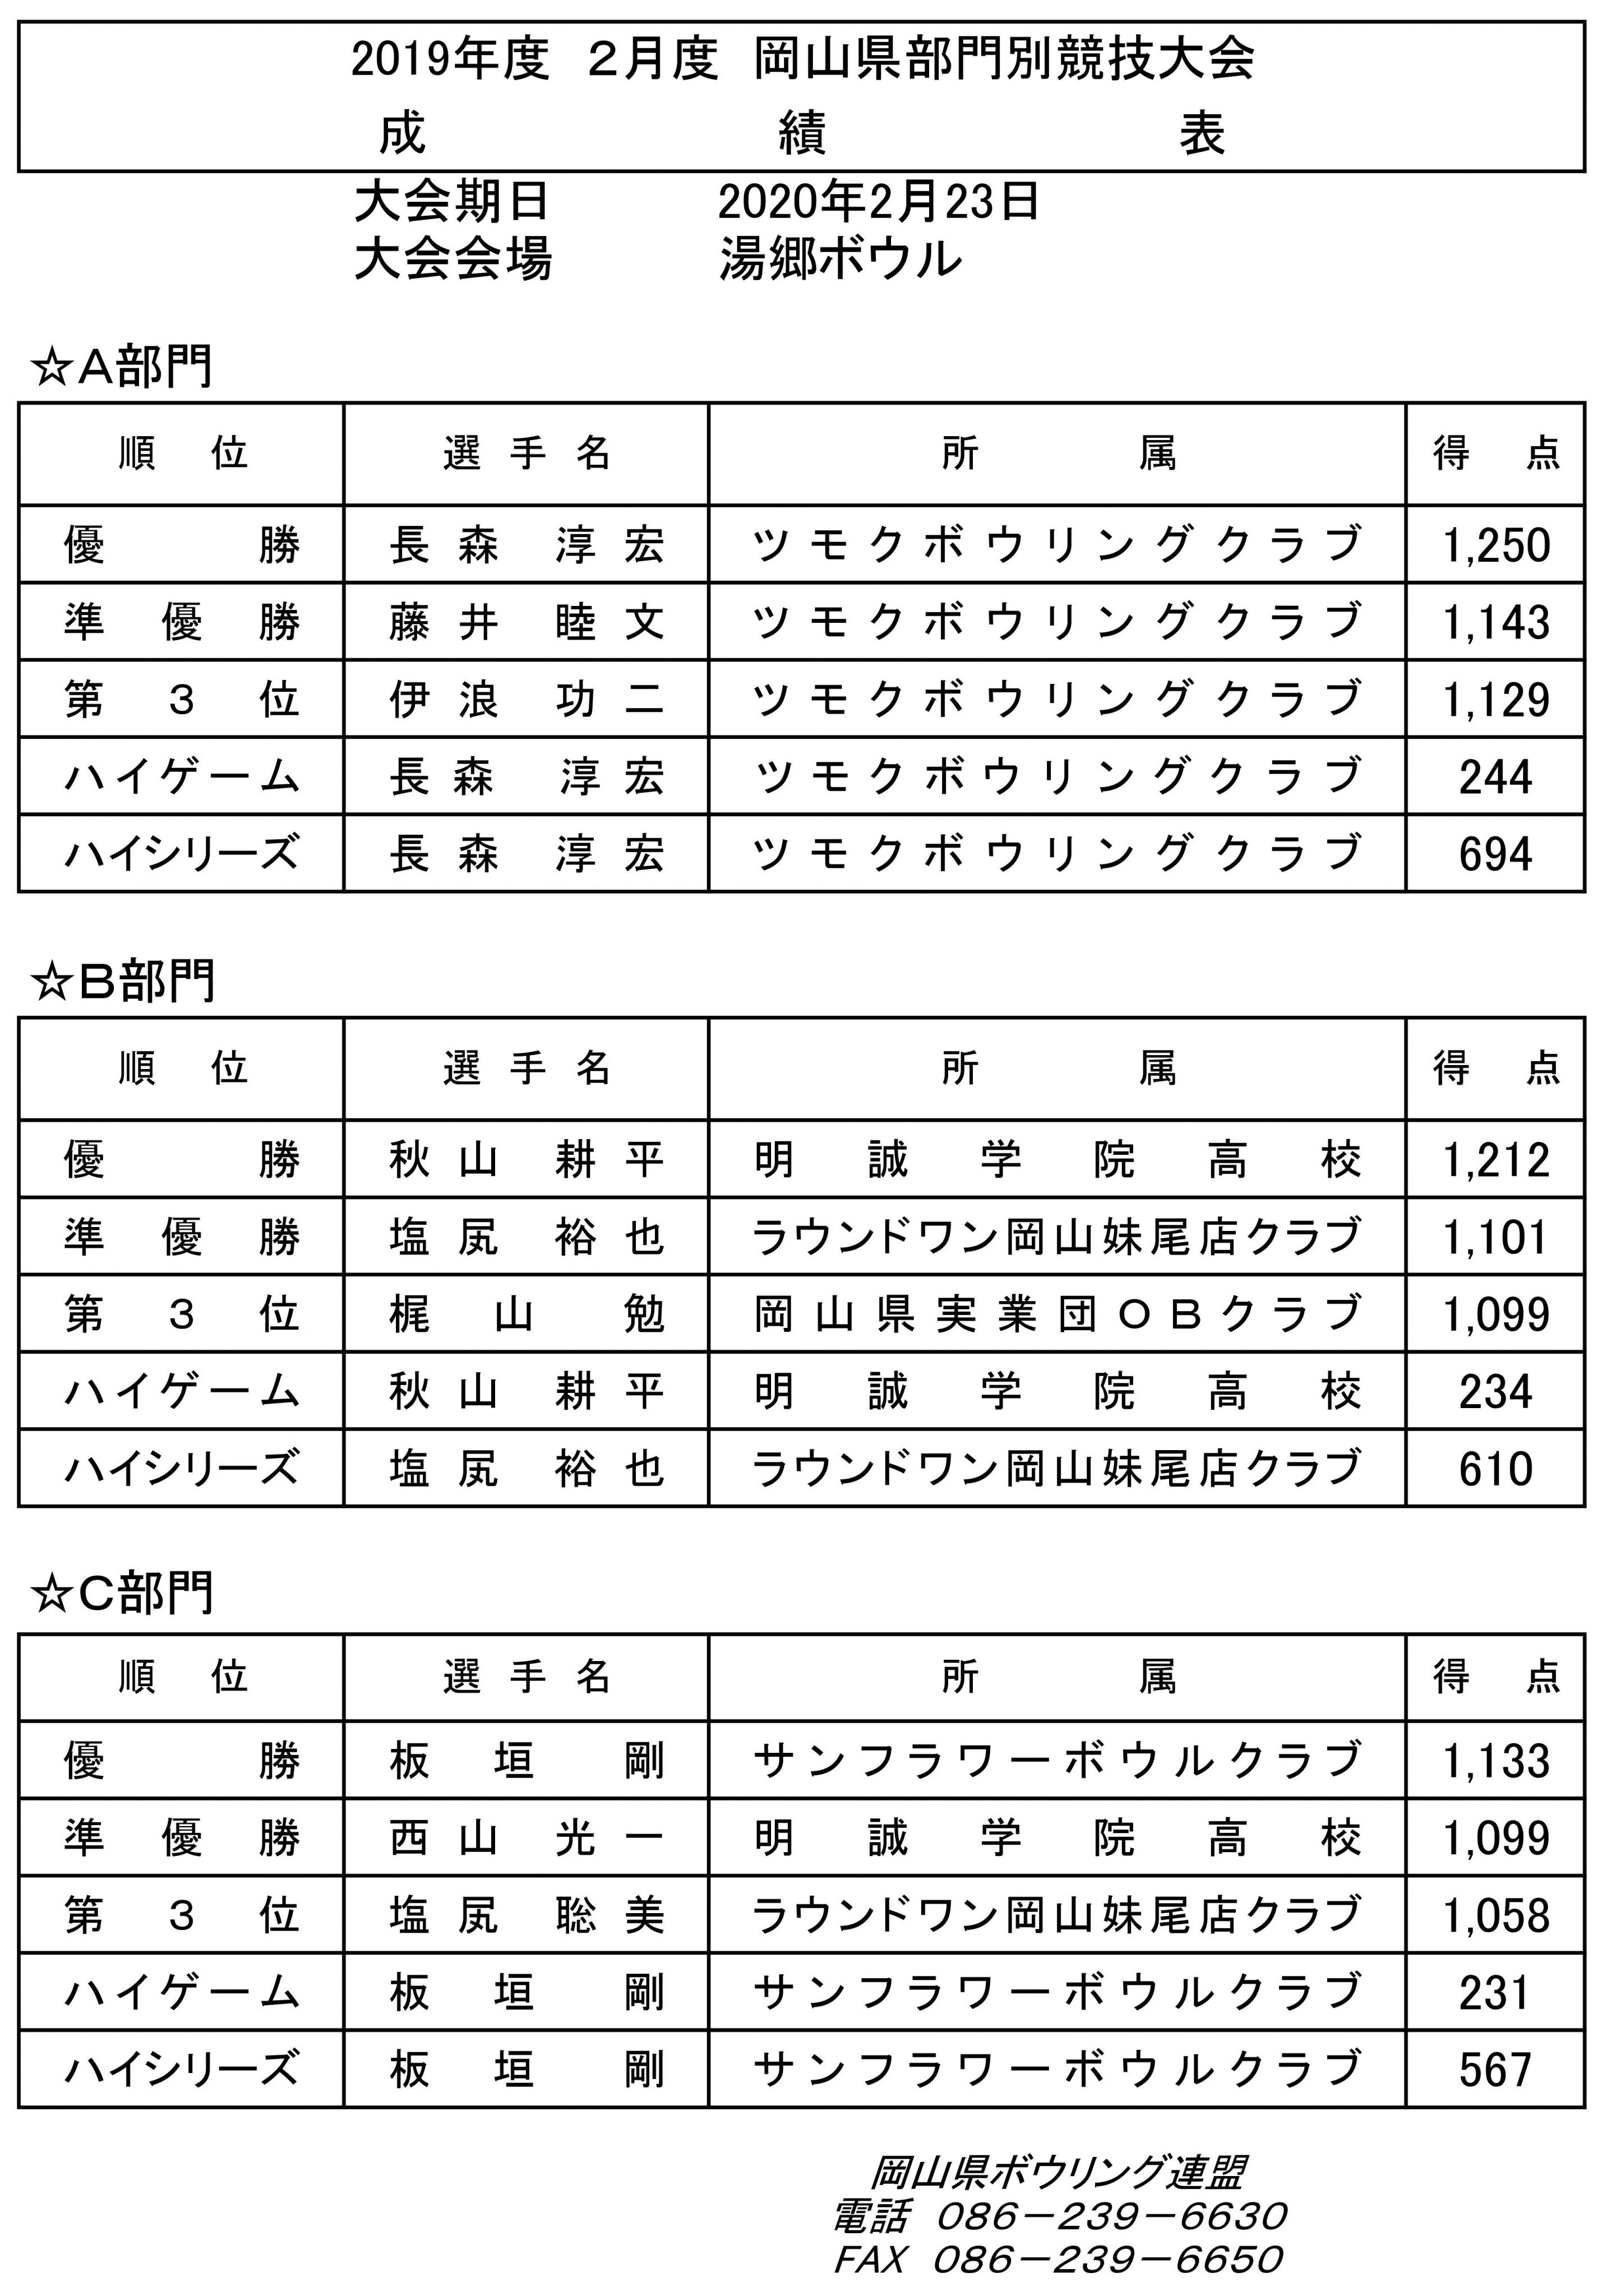 2020 2月度岡山県部門別大会 受付・記録表.jpg